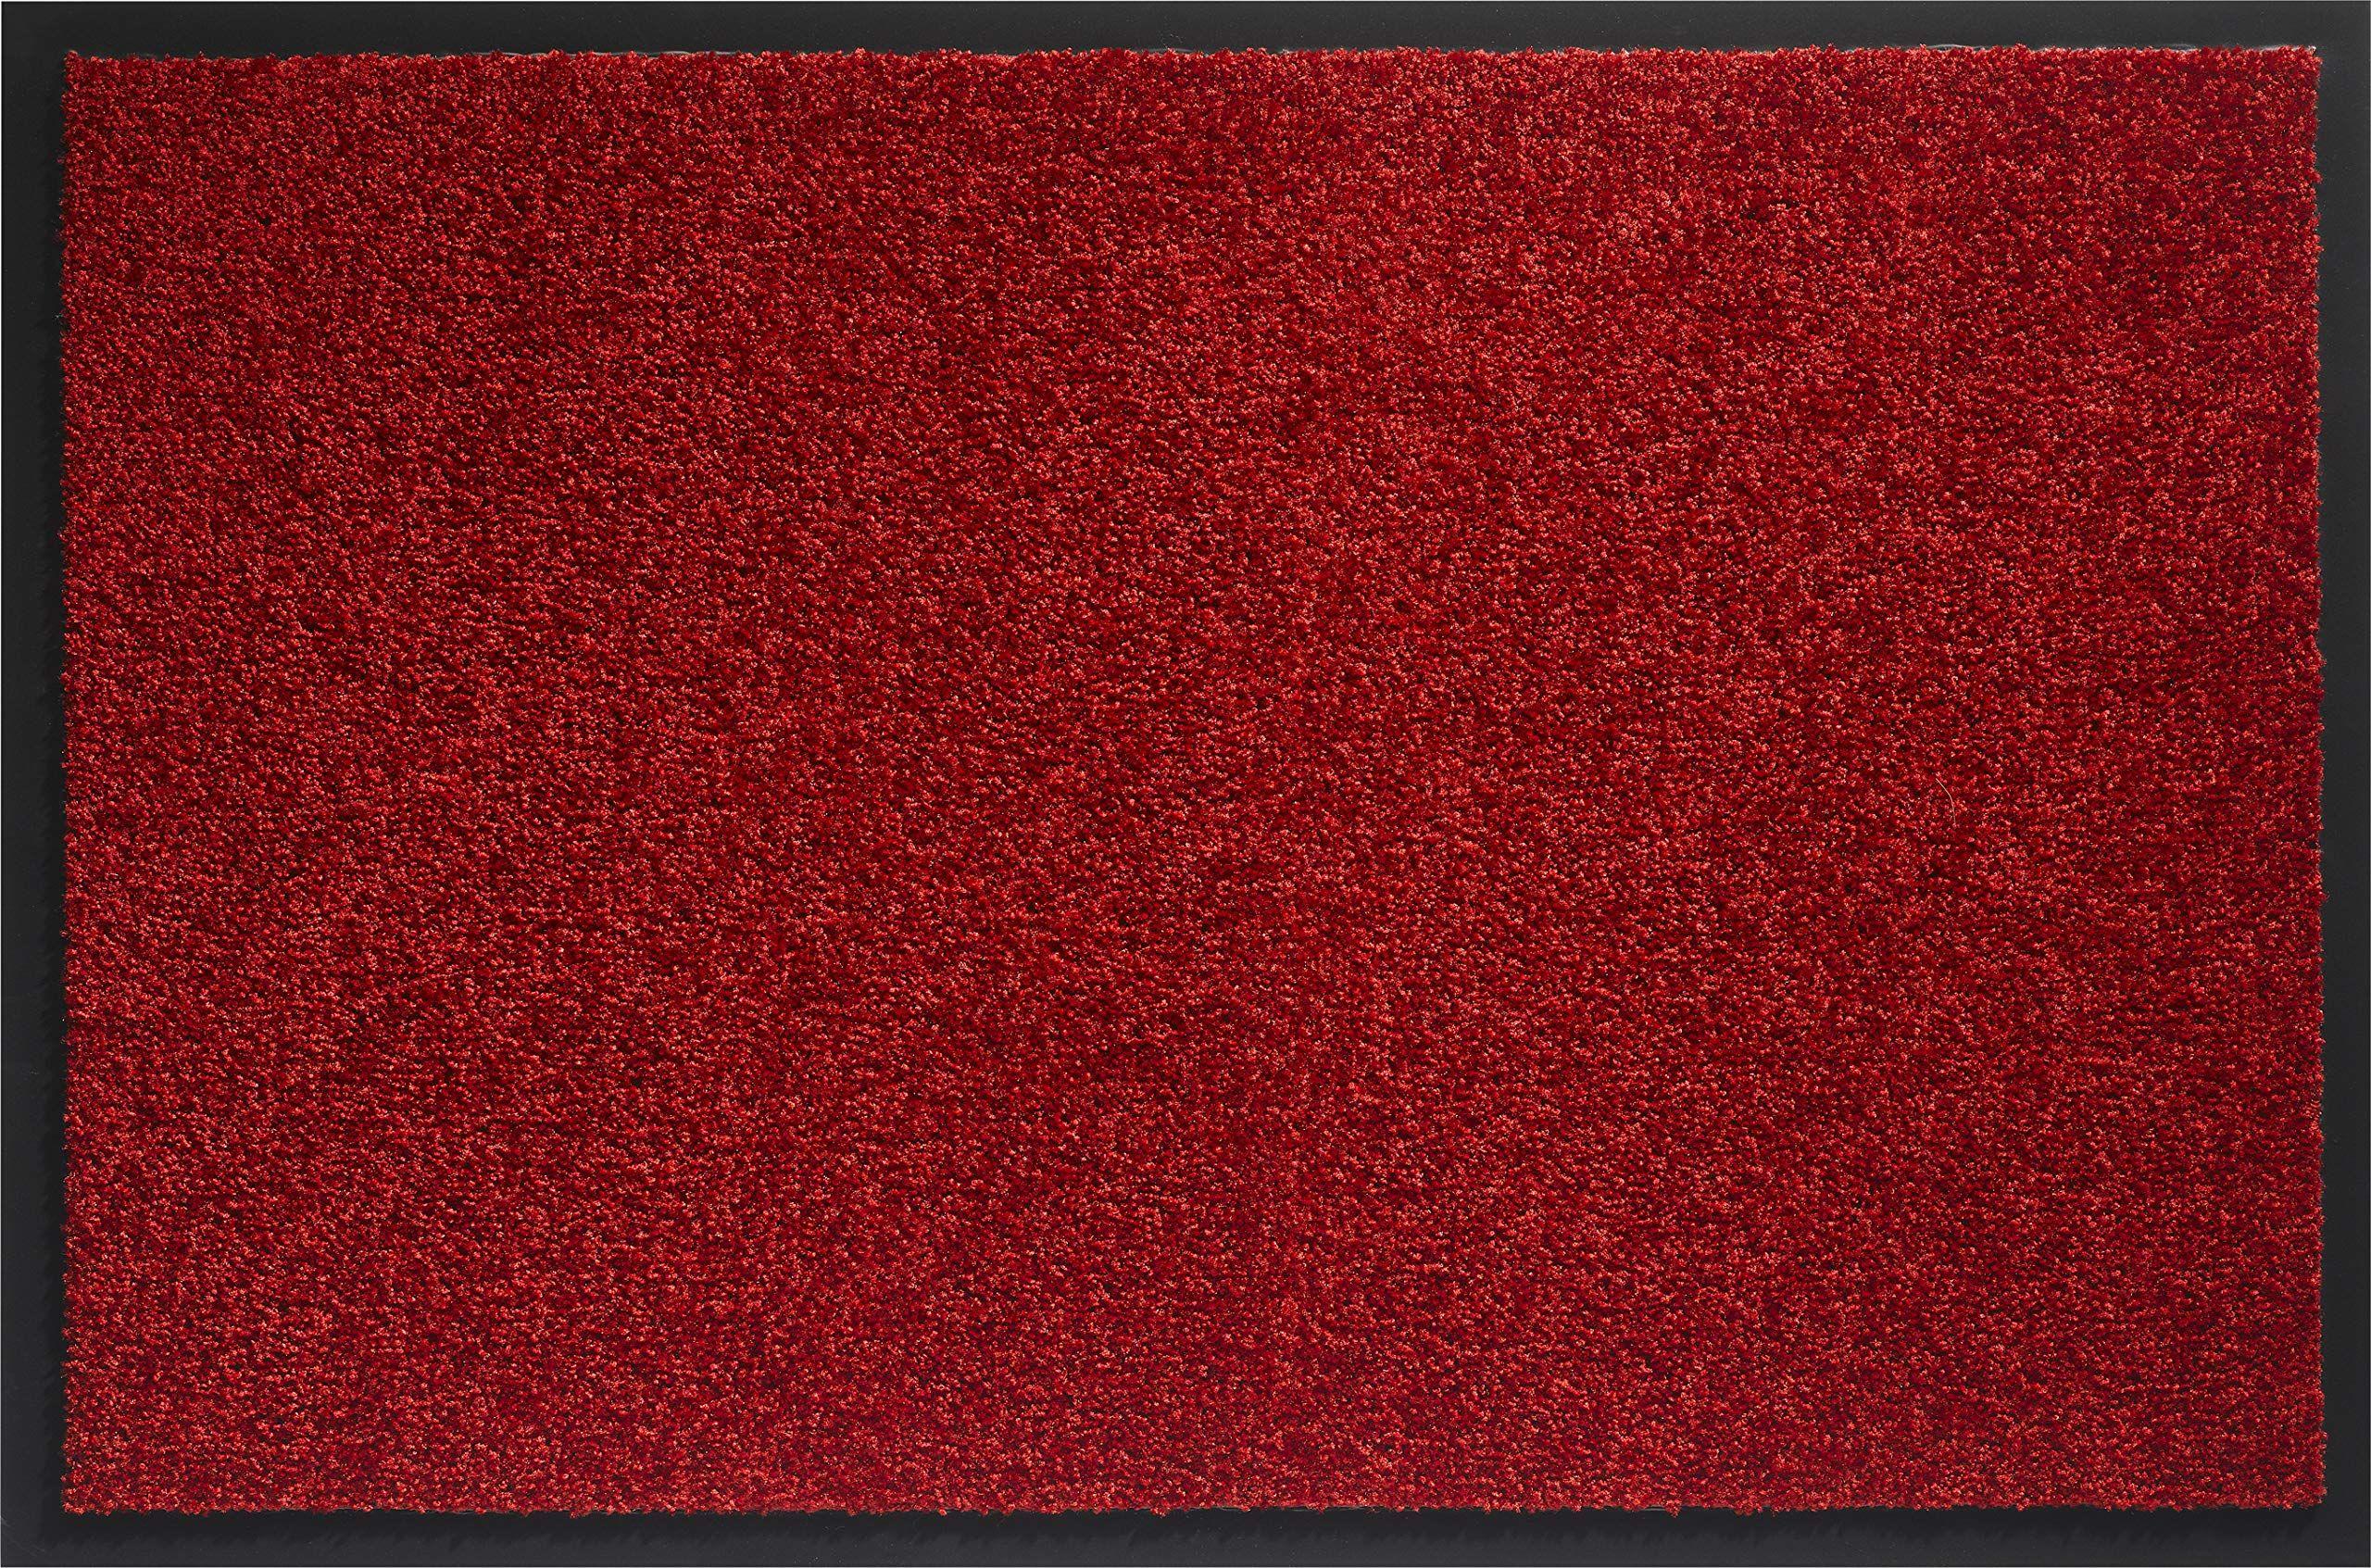 ID mat t 406004 Mirande dywan wycieraczka włókno nylon/PCW gumowany różowo-bordowy 60 x 40 x 0,9 cm